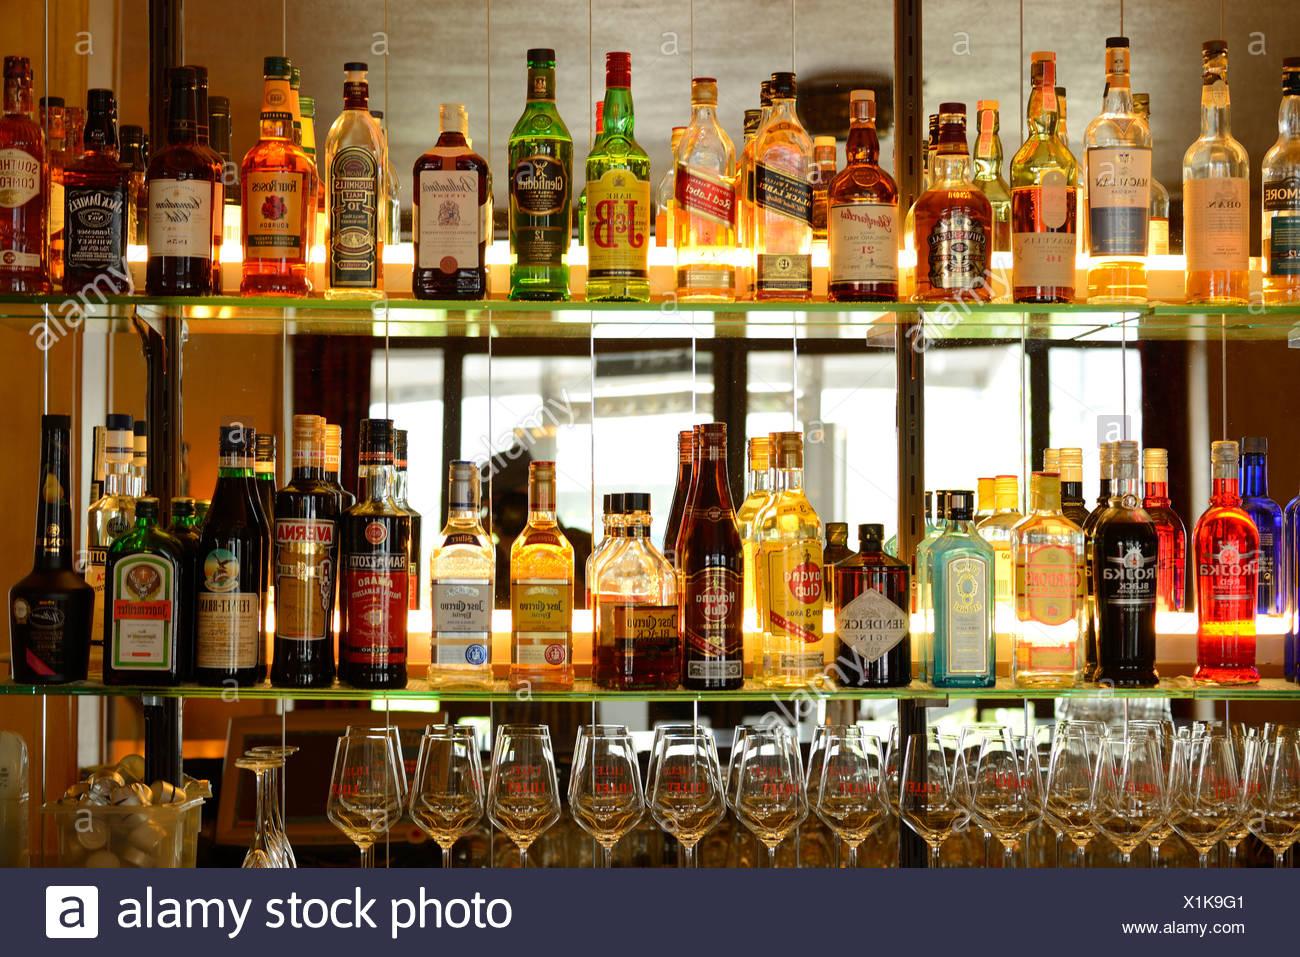 Europa, Schweiz, St.Gallen, Bar, Flaschen, Glas, Getränke, Alkohol ...